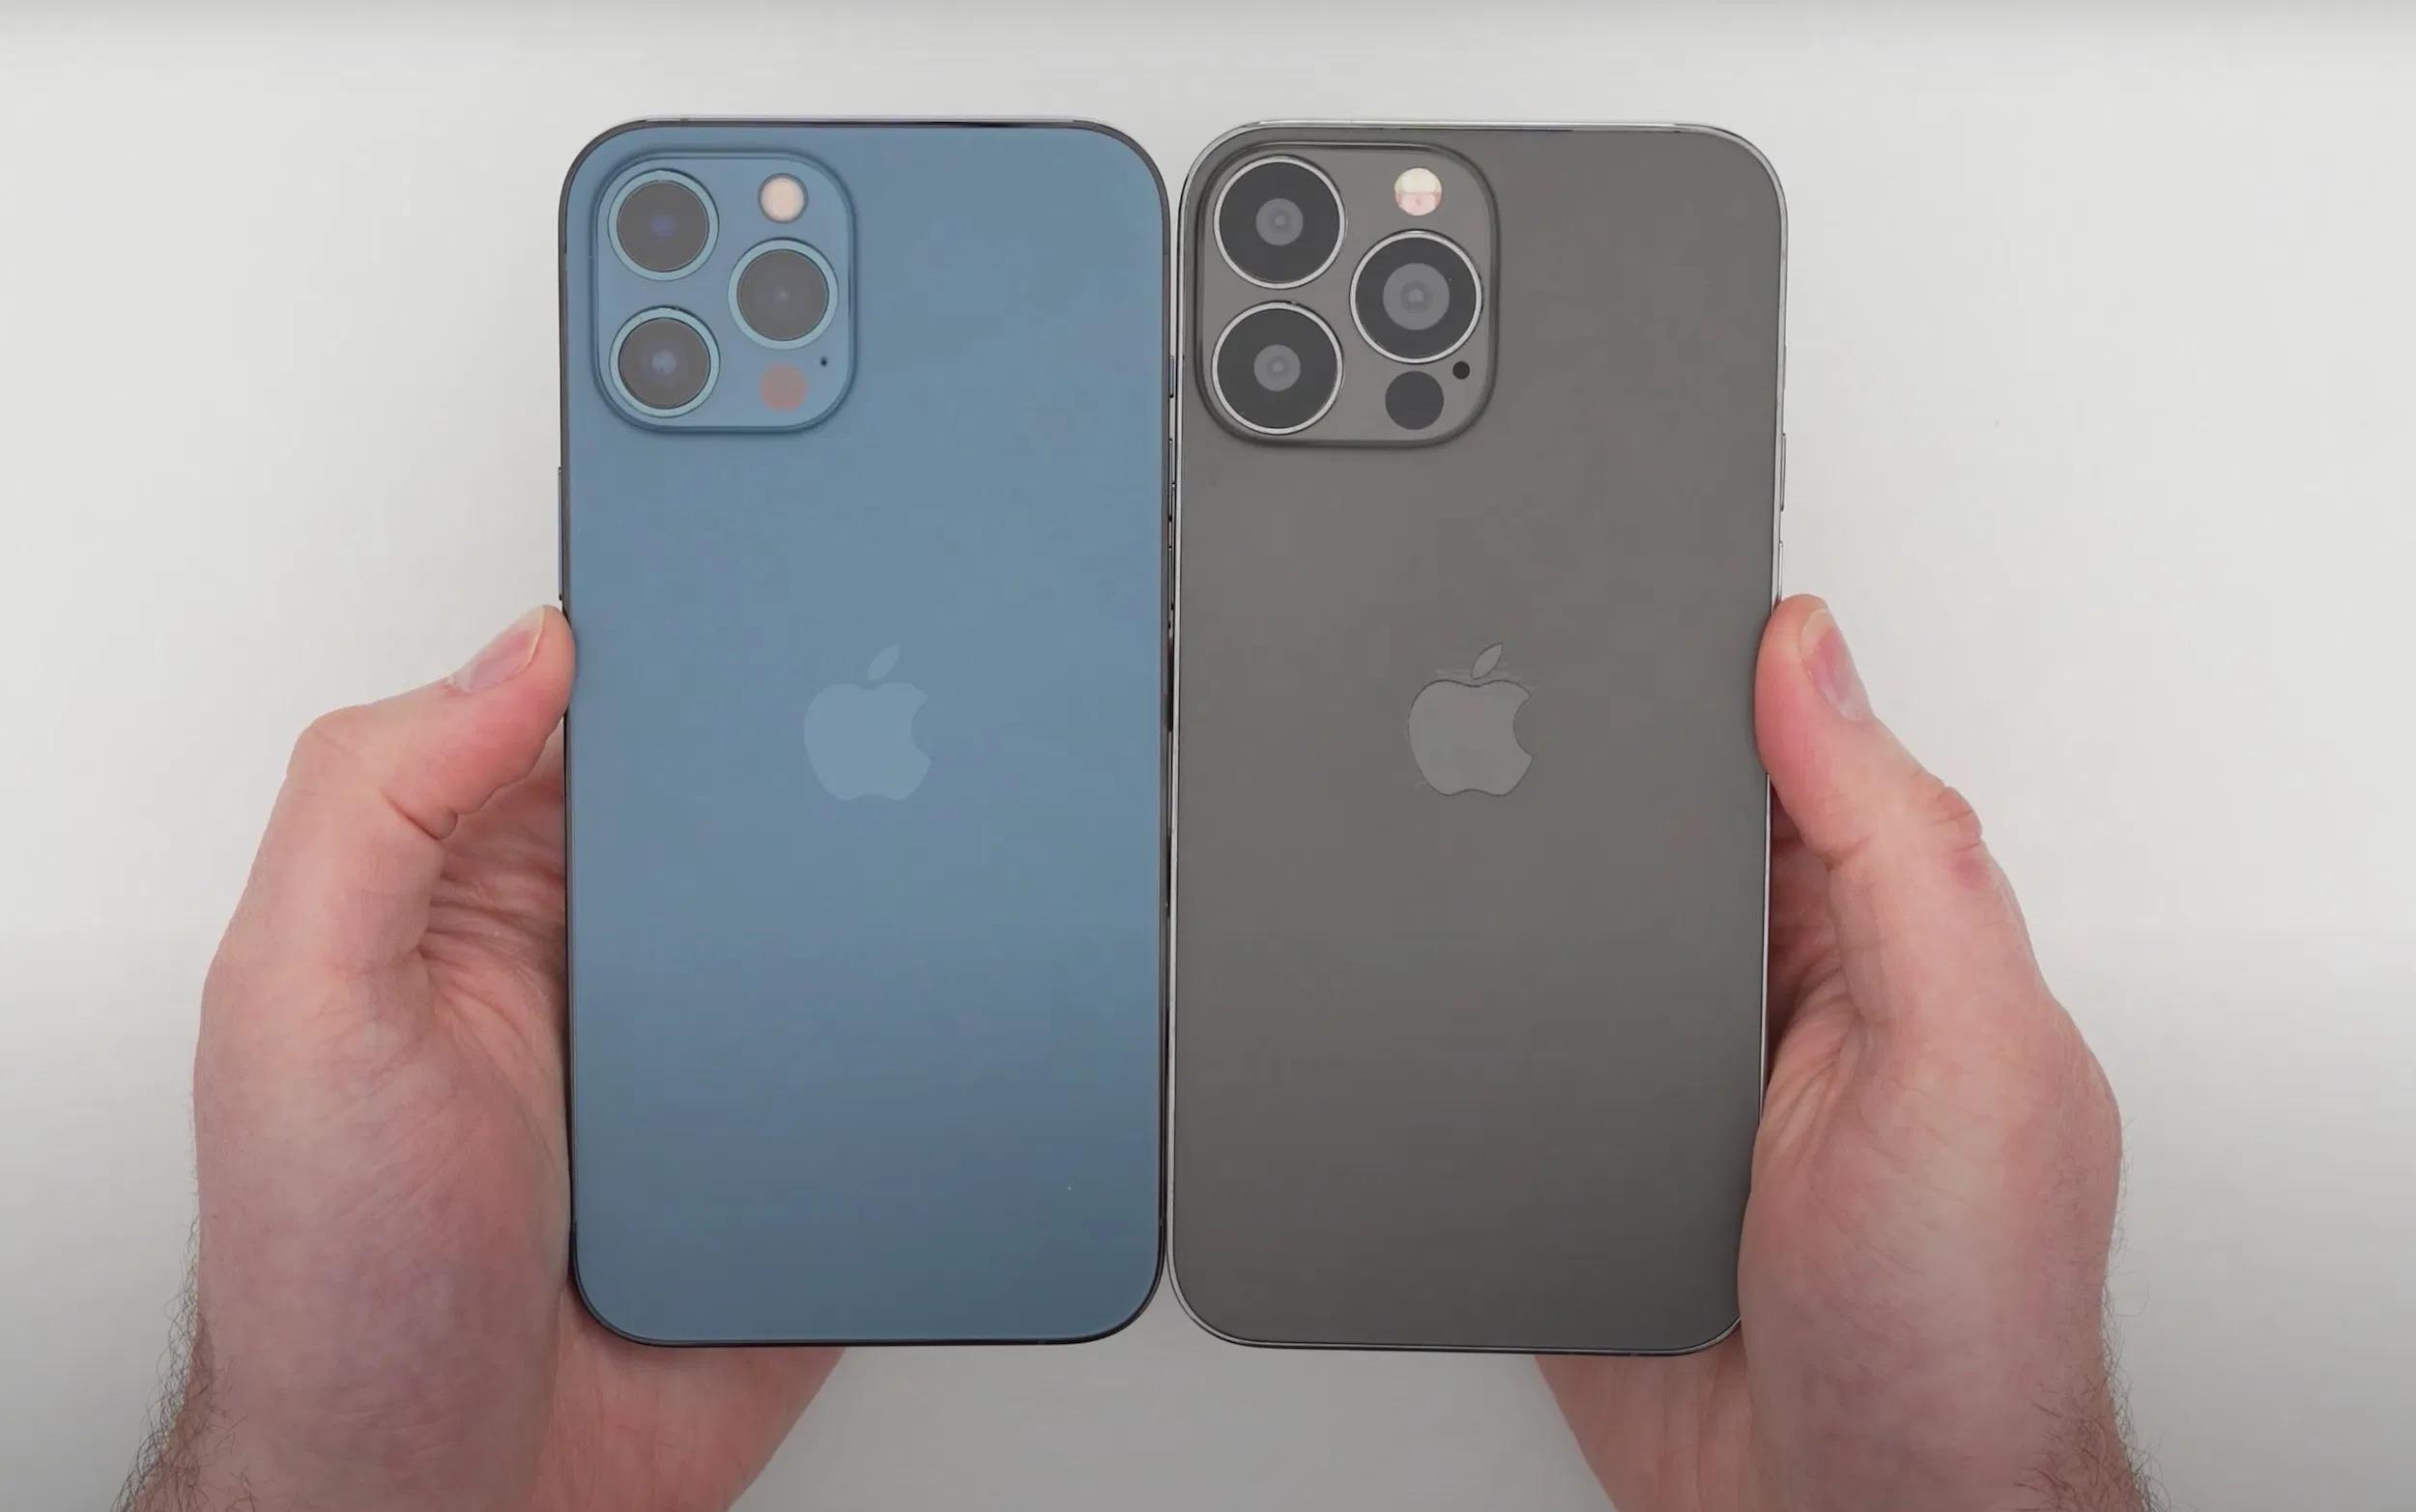 Xuất hiện video về iPhone 13 Pro Max bản dummy với tai thỏ gọn hơn, cụm camera lớn hơn